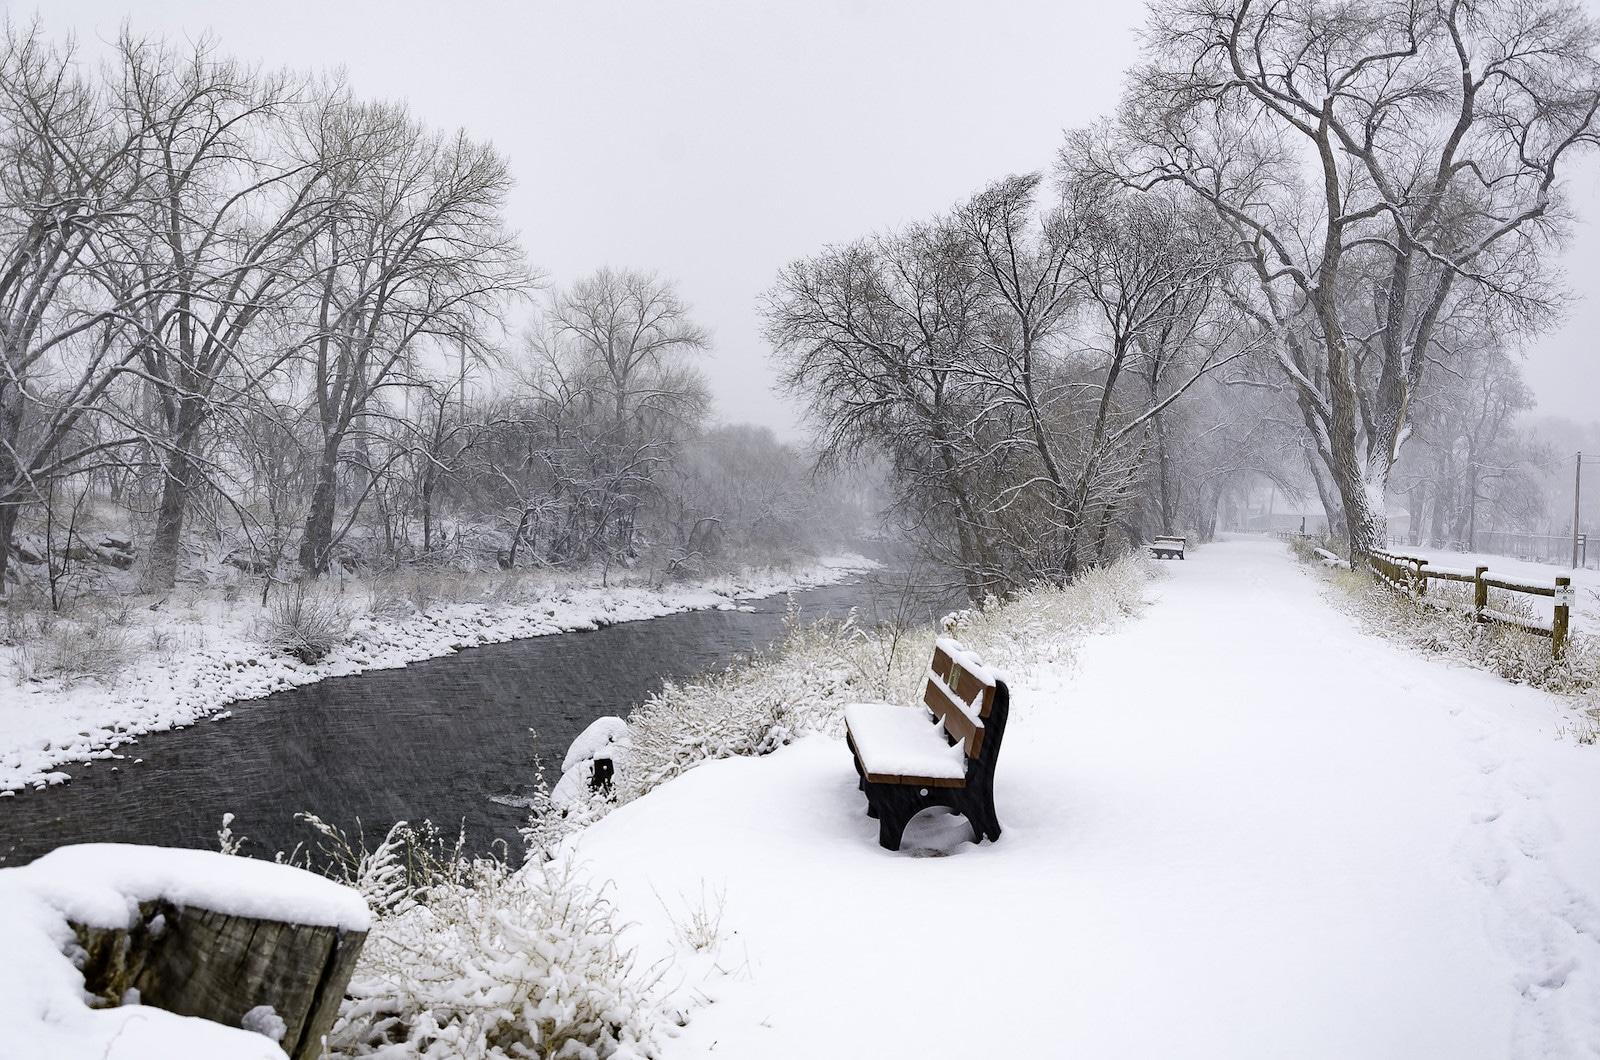 Gambar jalan sungai di kota kanon, Colorado tertutup salju